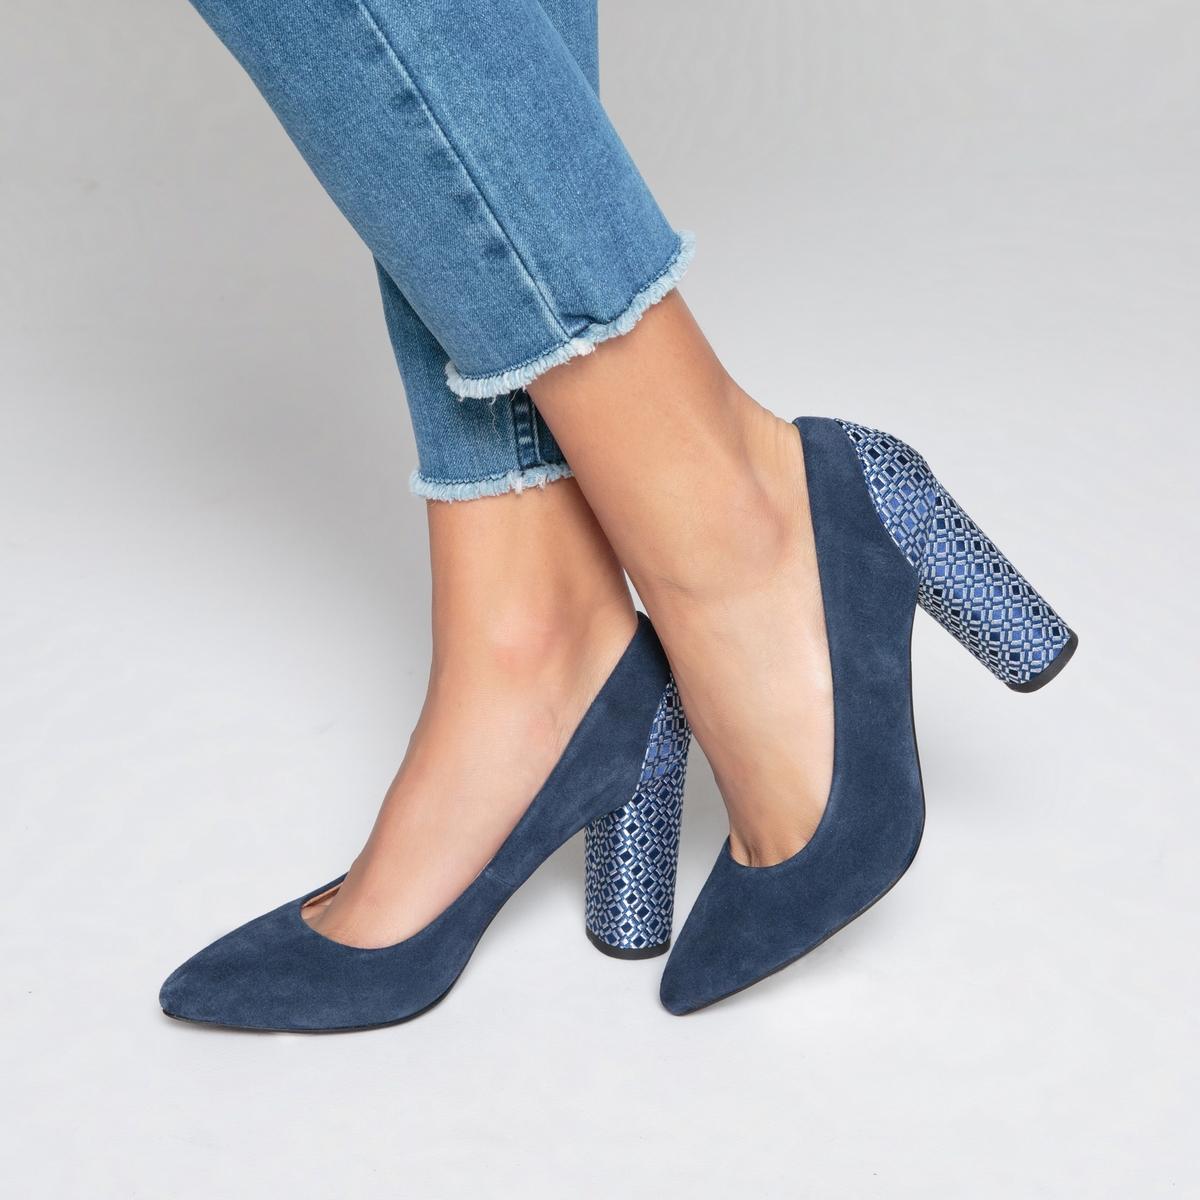 Туфли кожаные на оригинальном каблуке туфли la strada туфли на каблуке